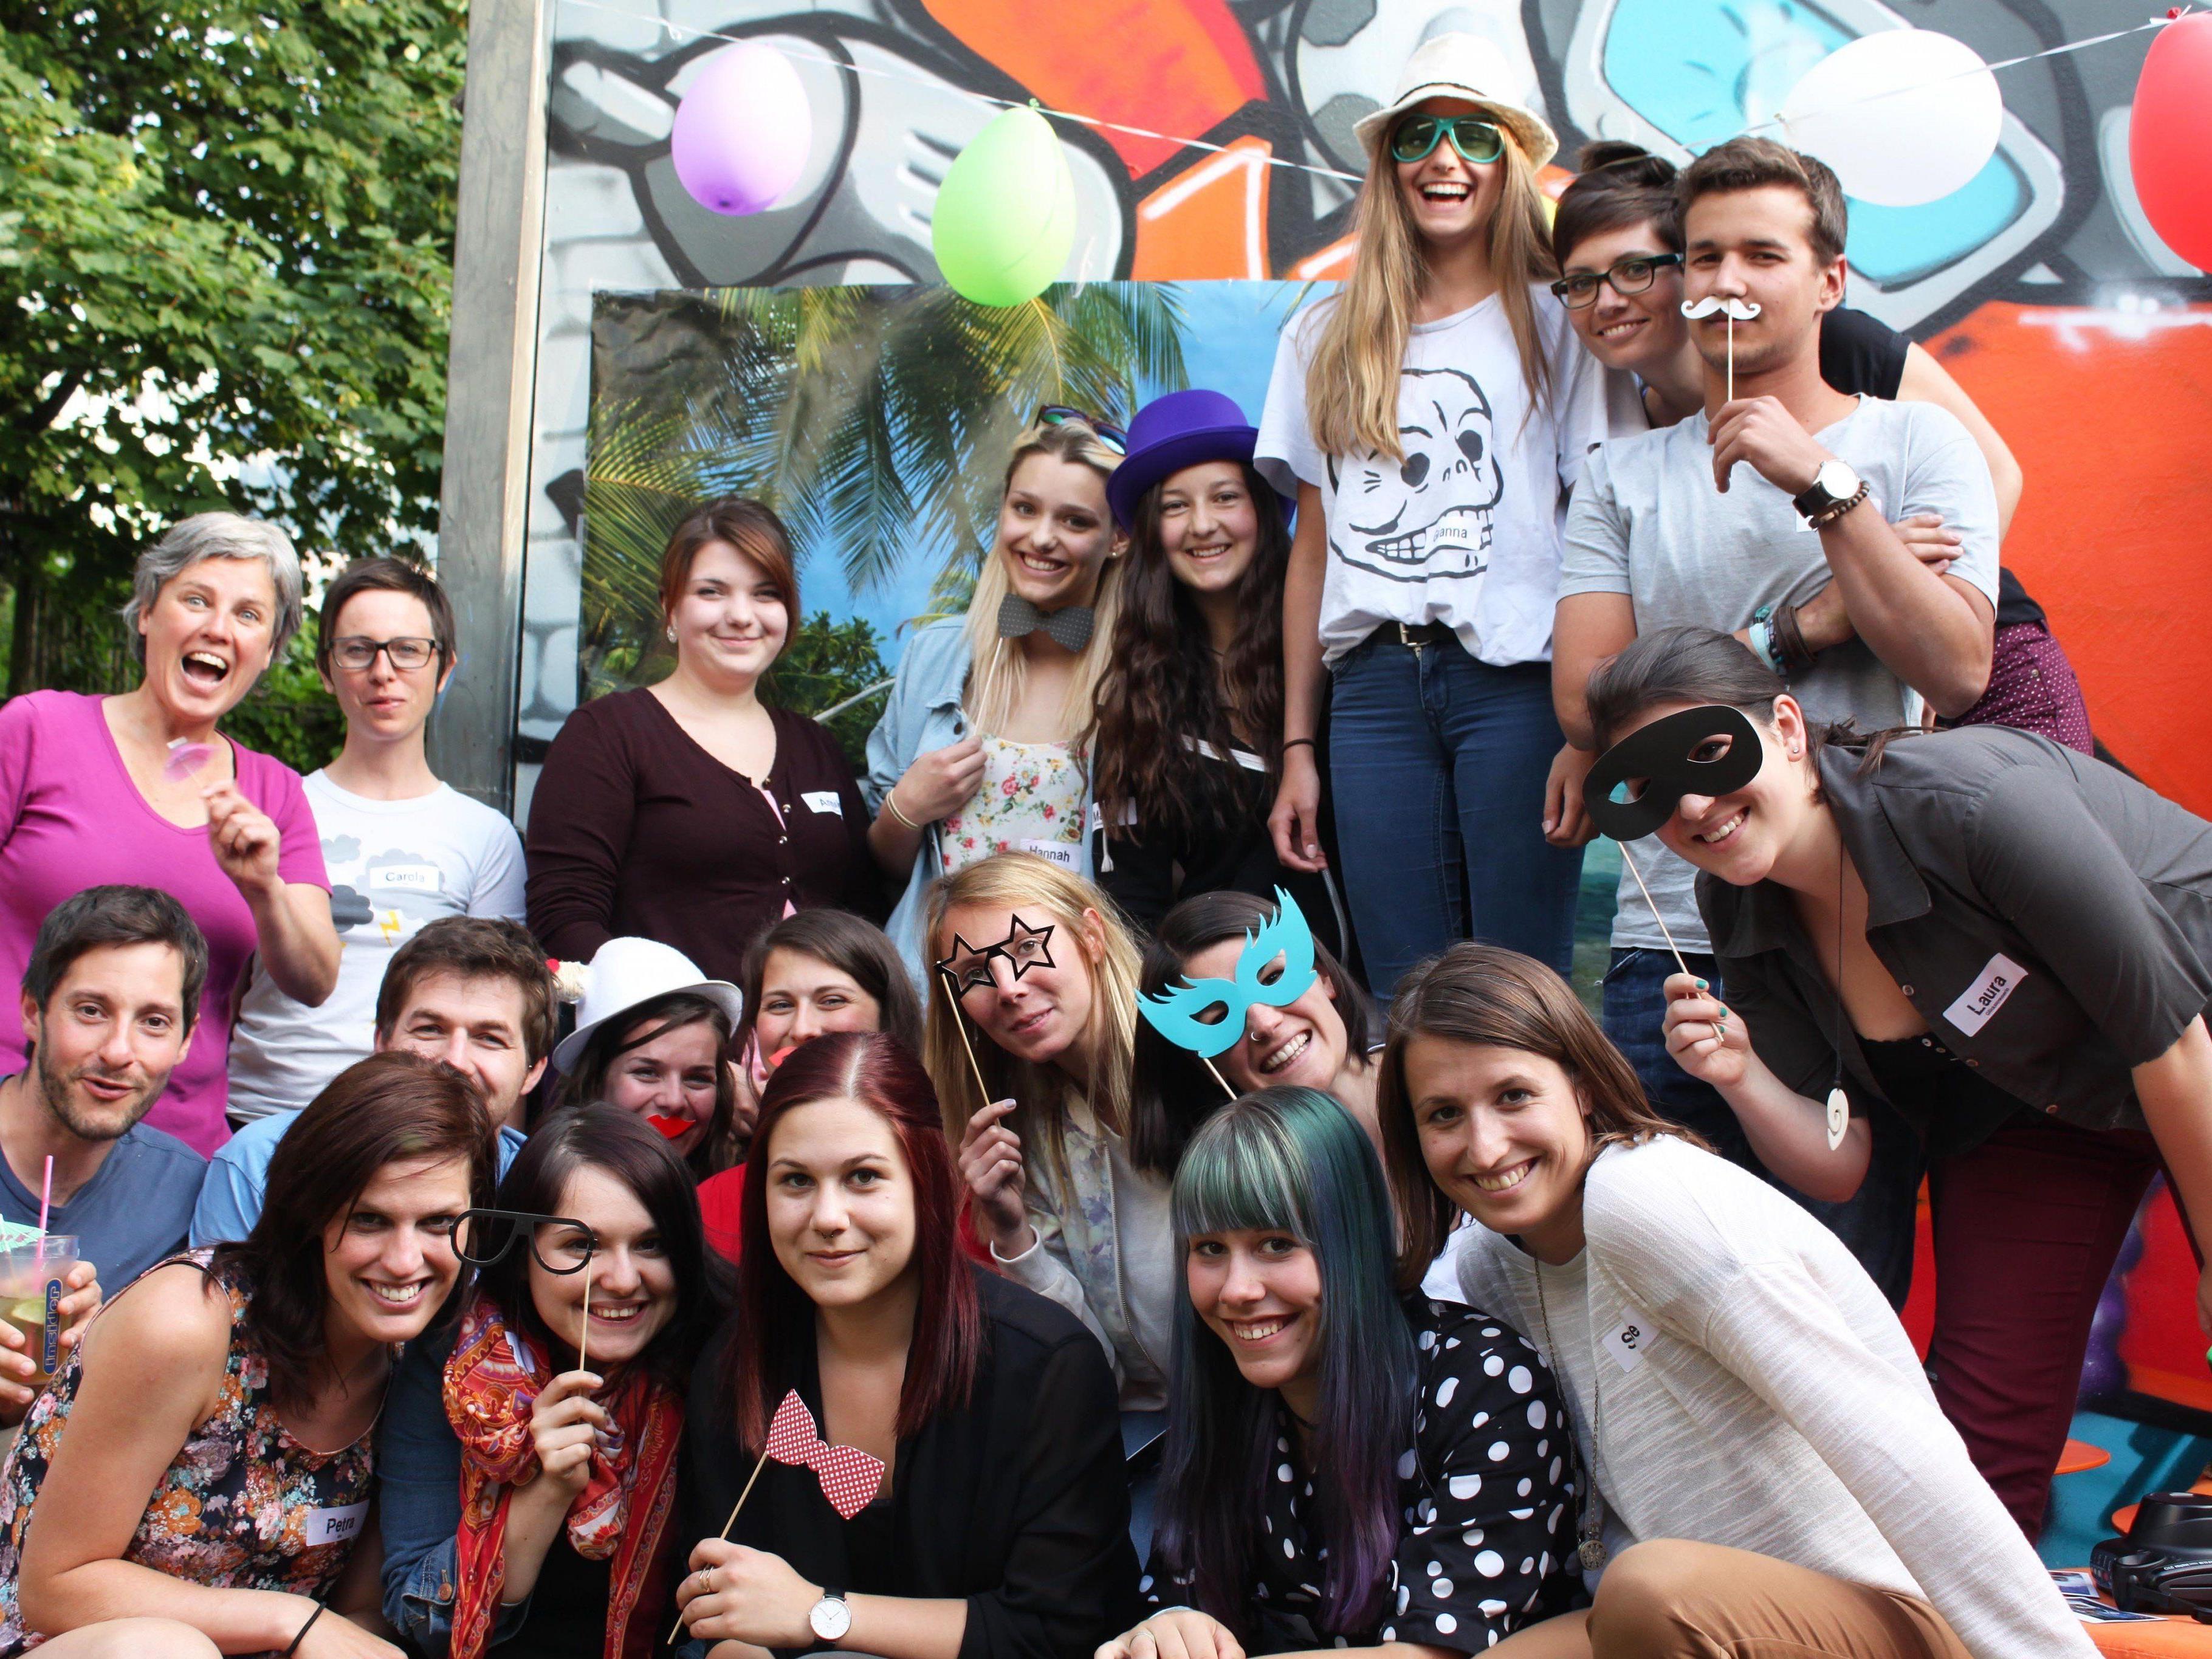 Jugendliche und ihre Belange stehen bei aha - Tipps & Infos für junge Leute das ganze Jahr über im Fokus.